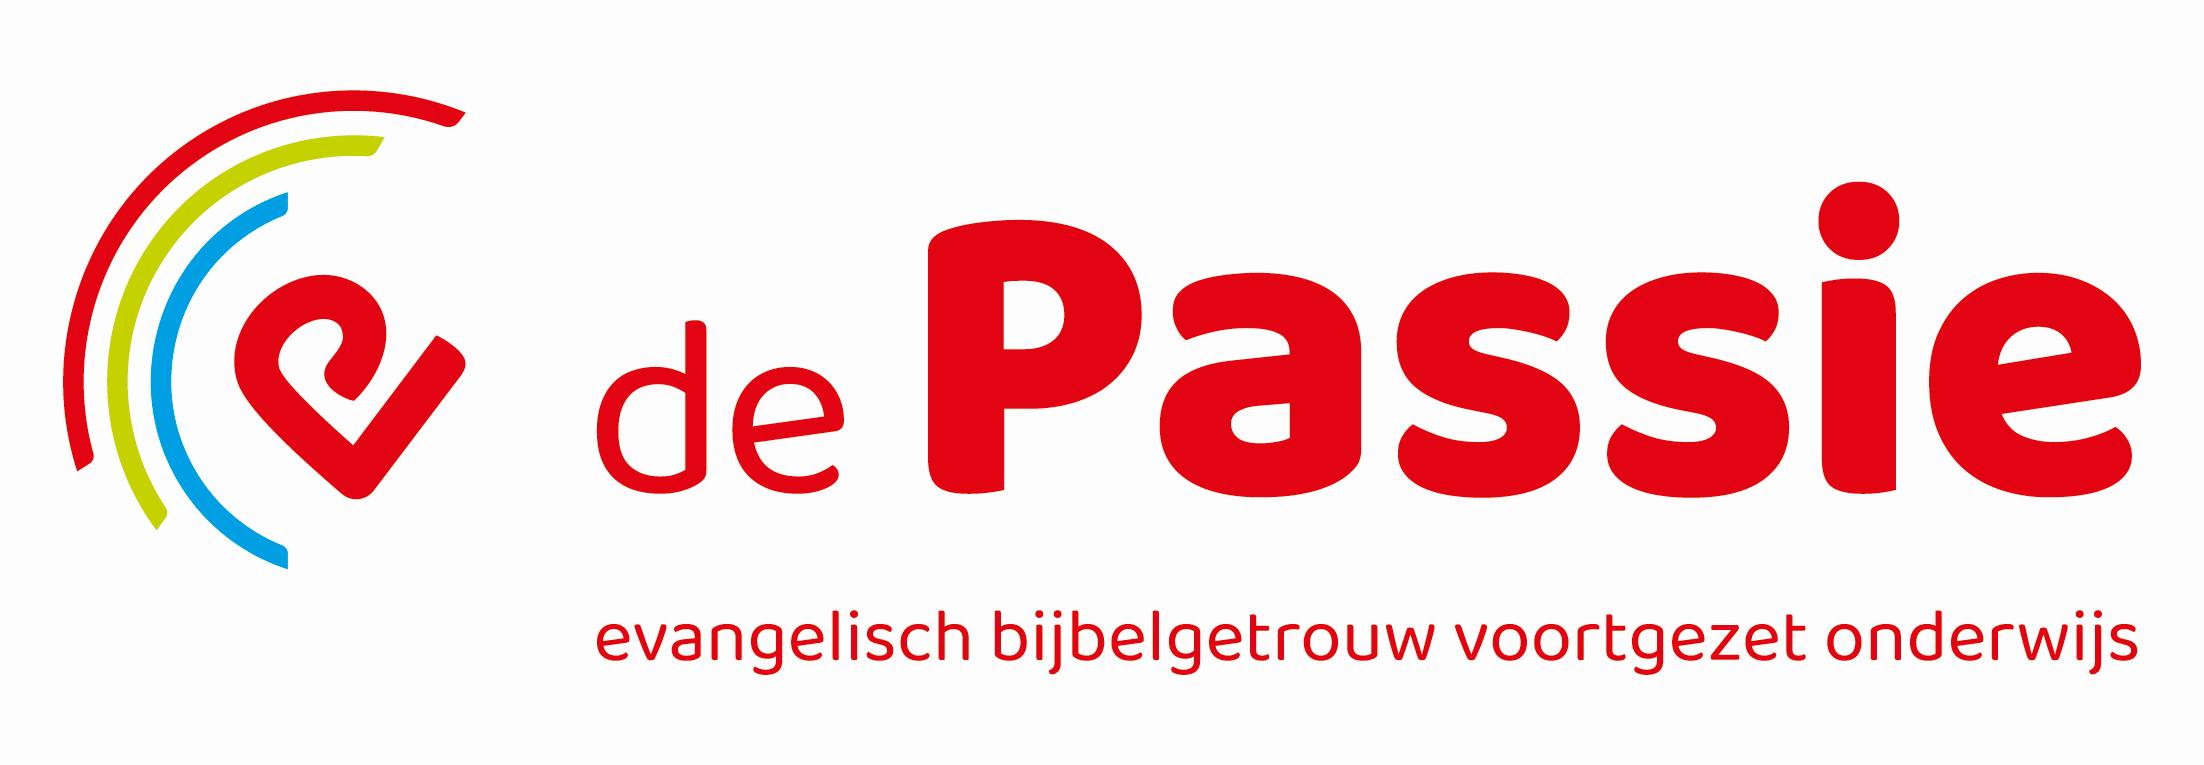 De Passie, evangelisch bijbelgetrouw onderwijs logo